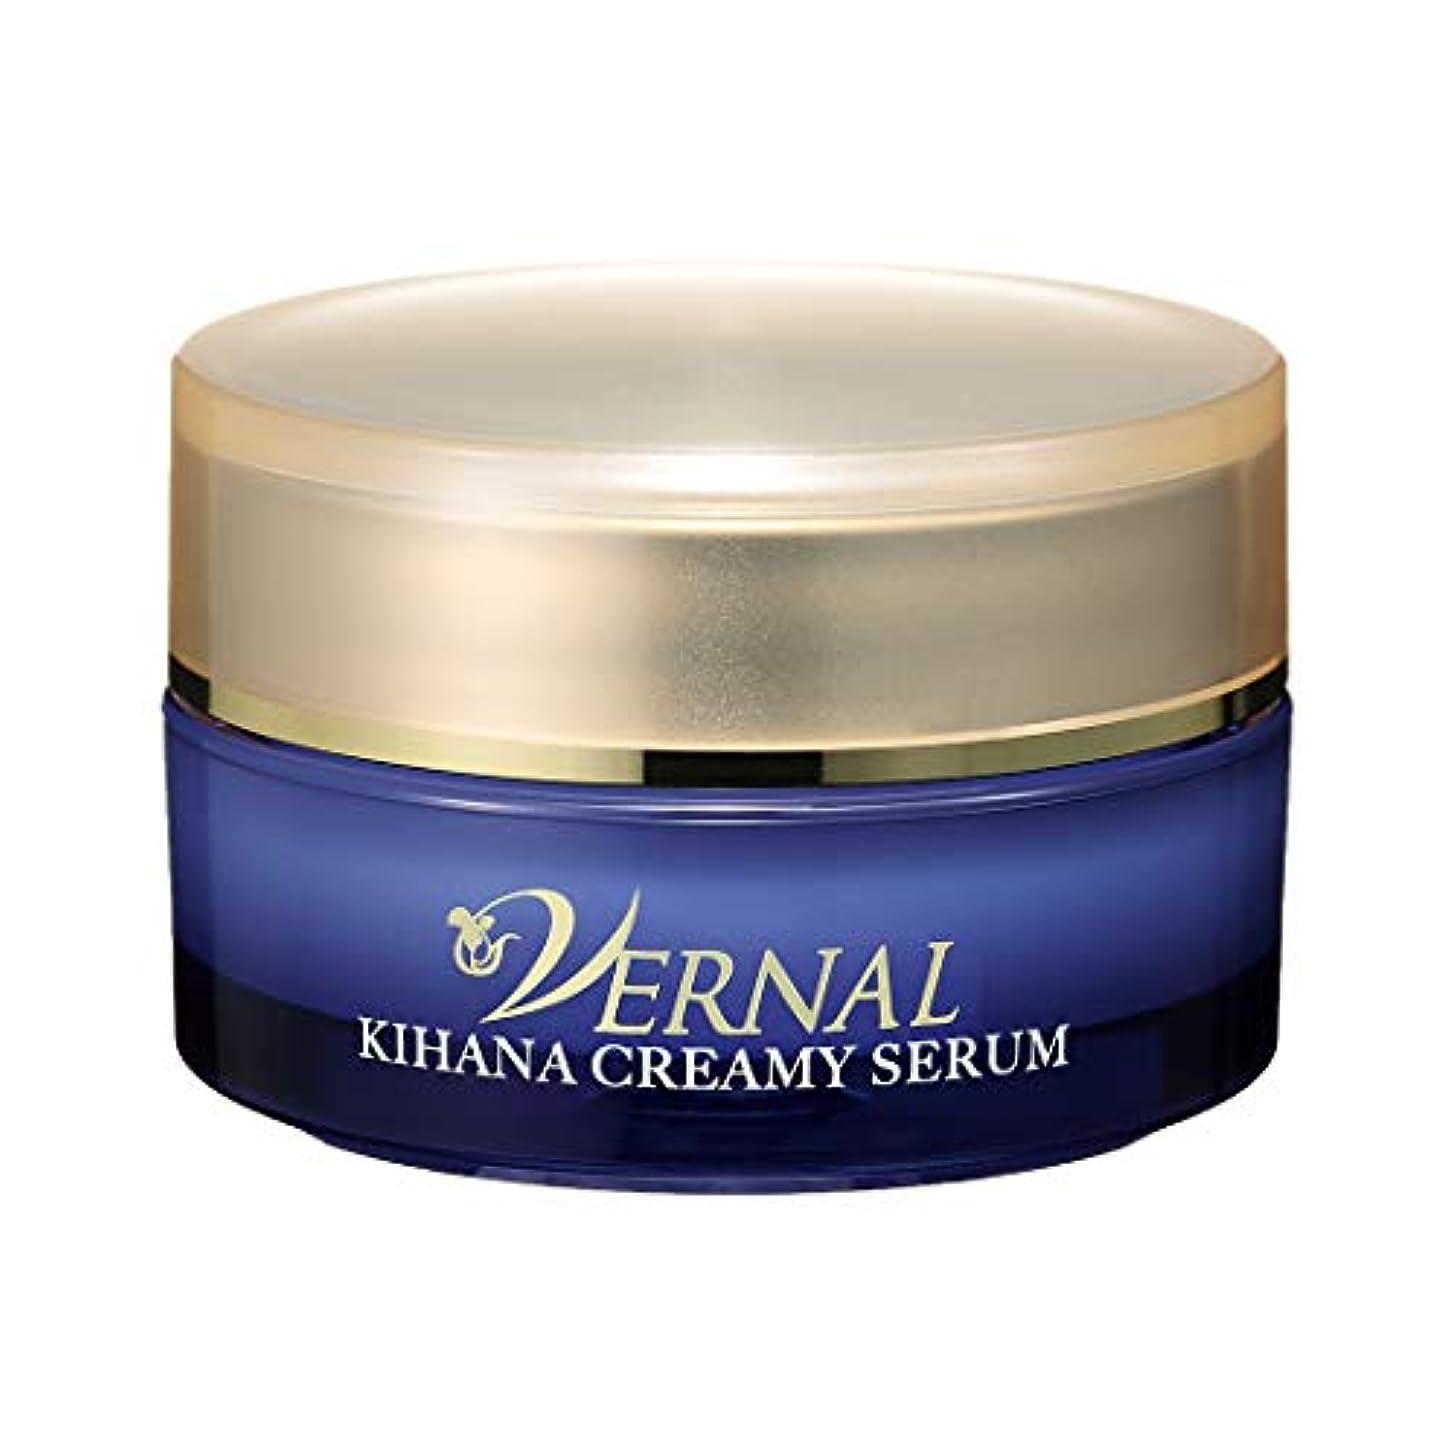 和生物学二年生キハナクリーミーセラム 30g/ヴァーナル 美容液 美容クリーム